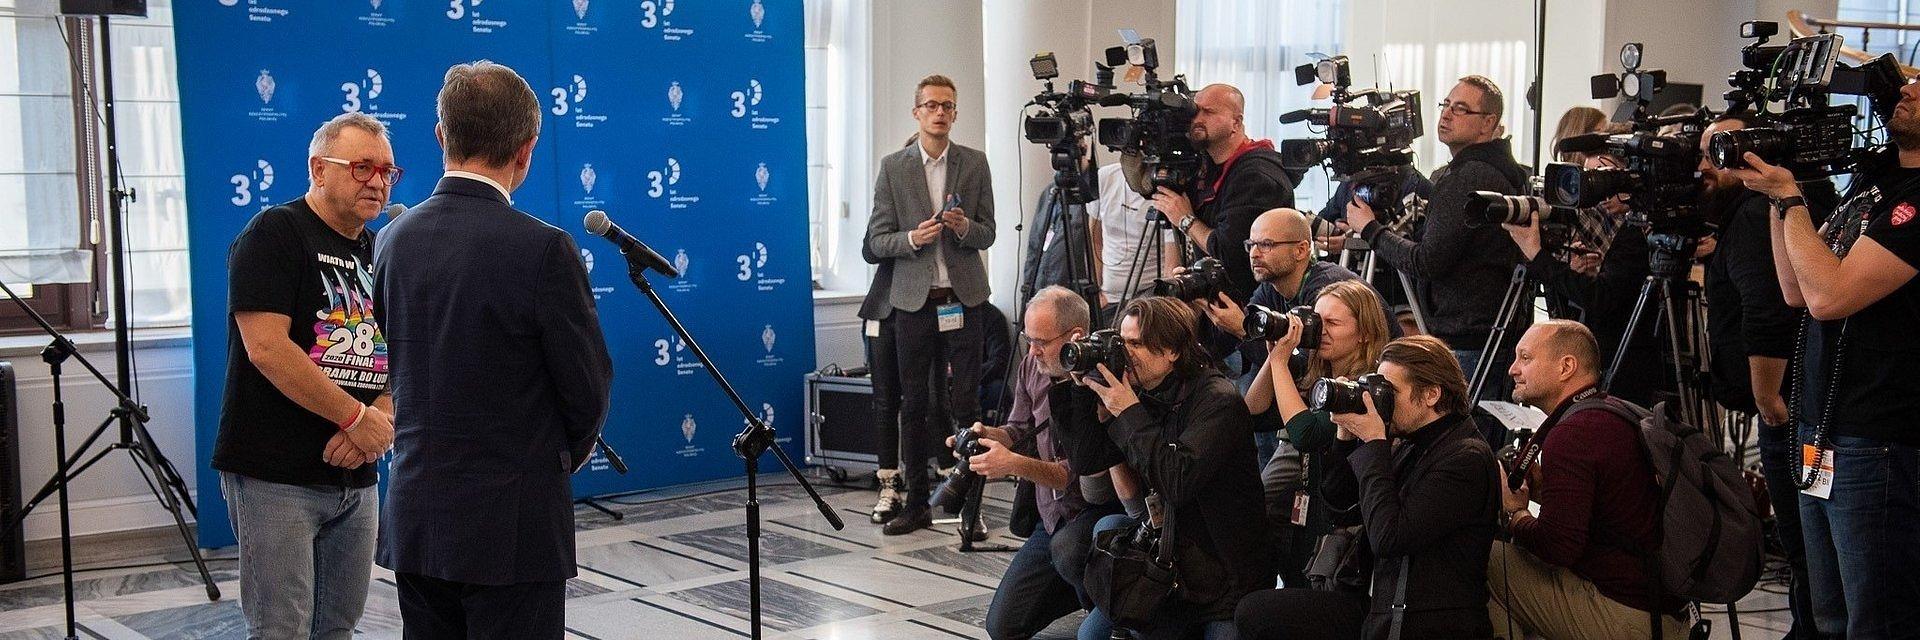 WOŚP chce rozmawiać o polskiej psychiatrii